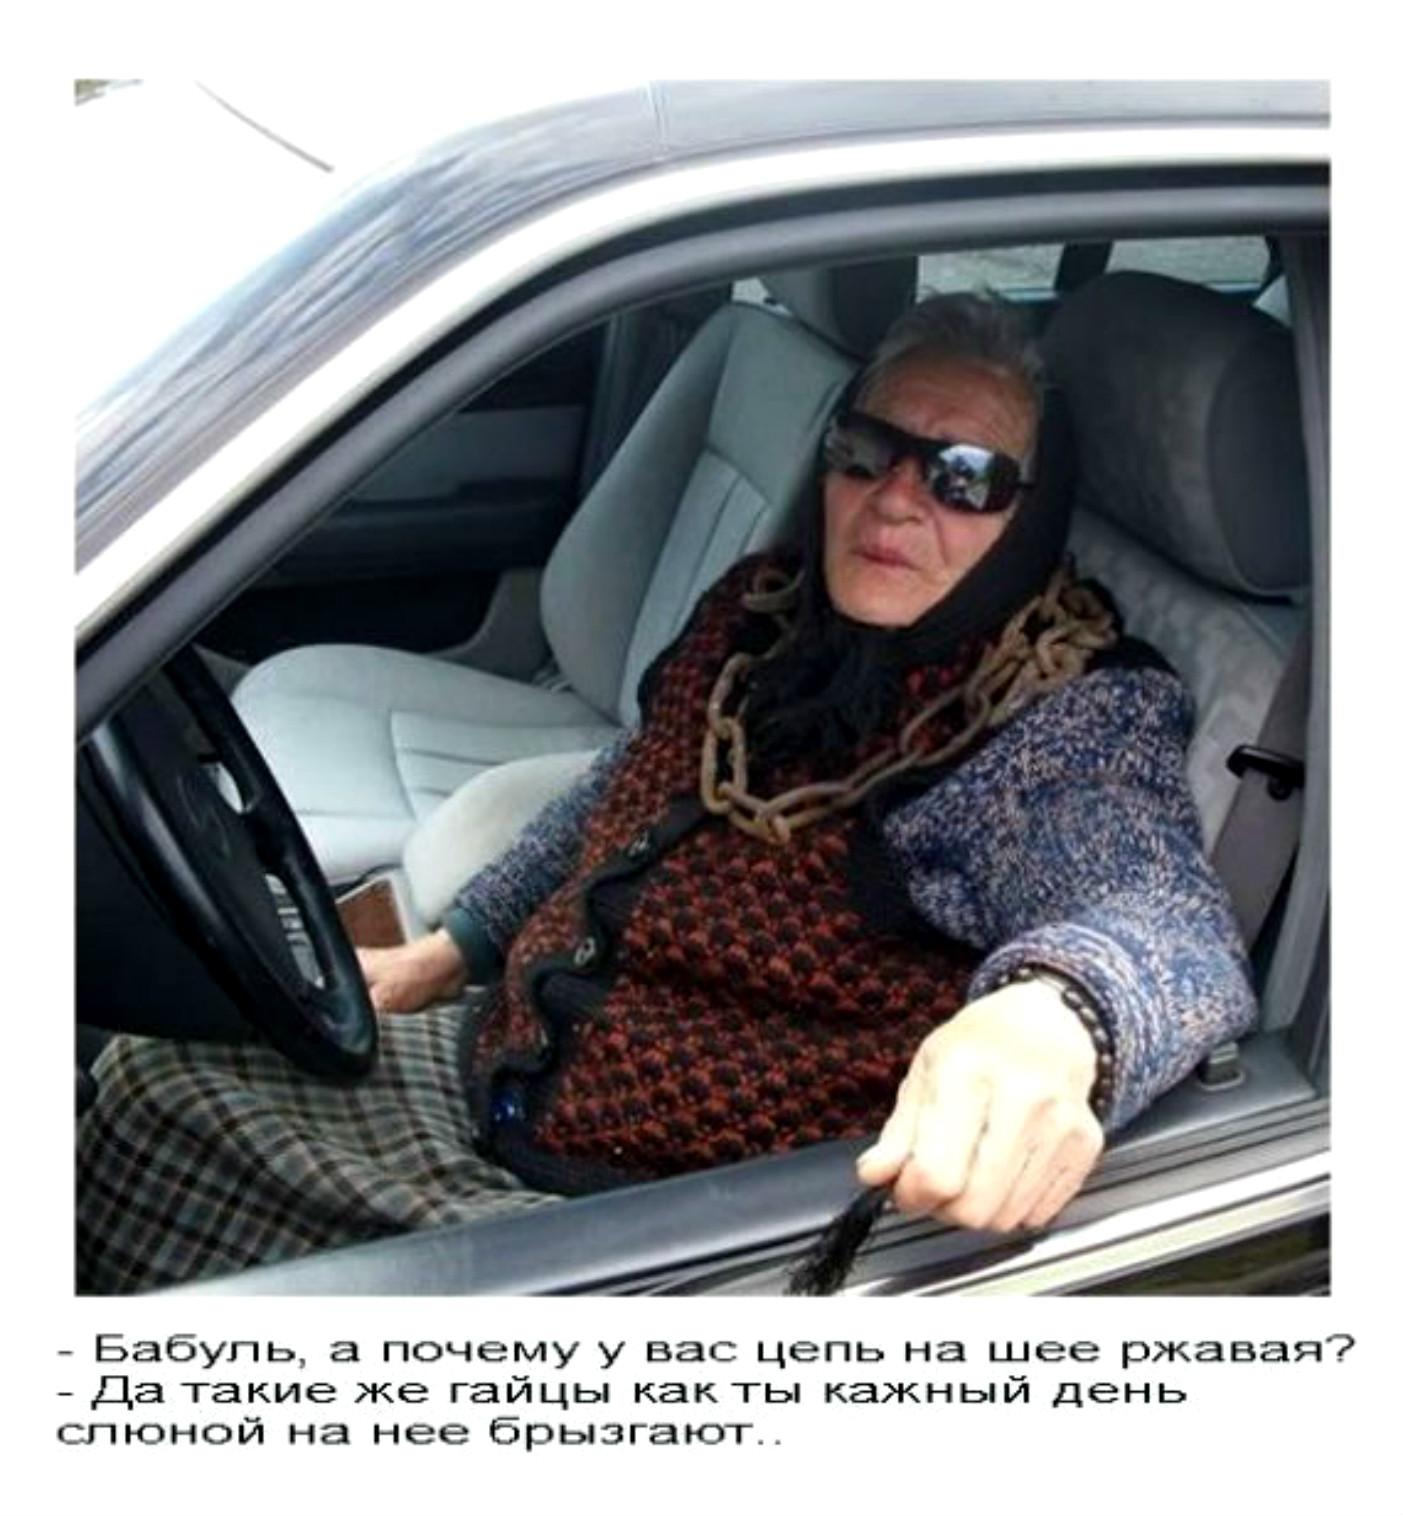 Соник старою бабушку 3 фотография